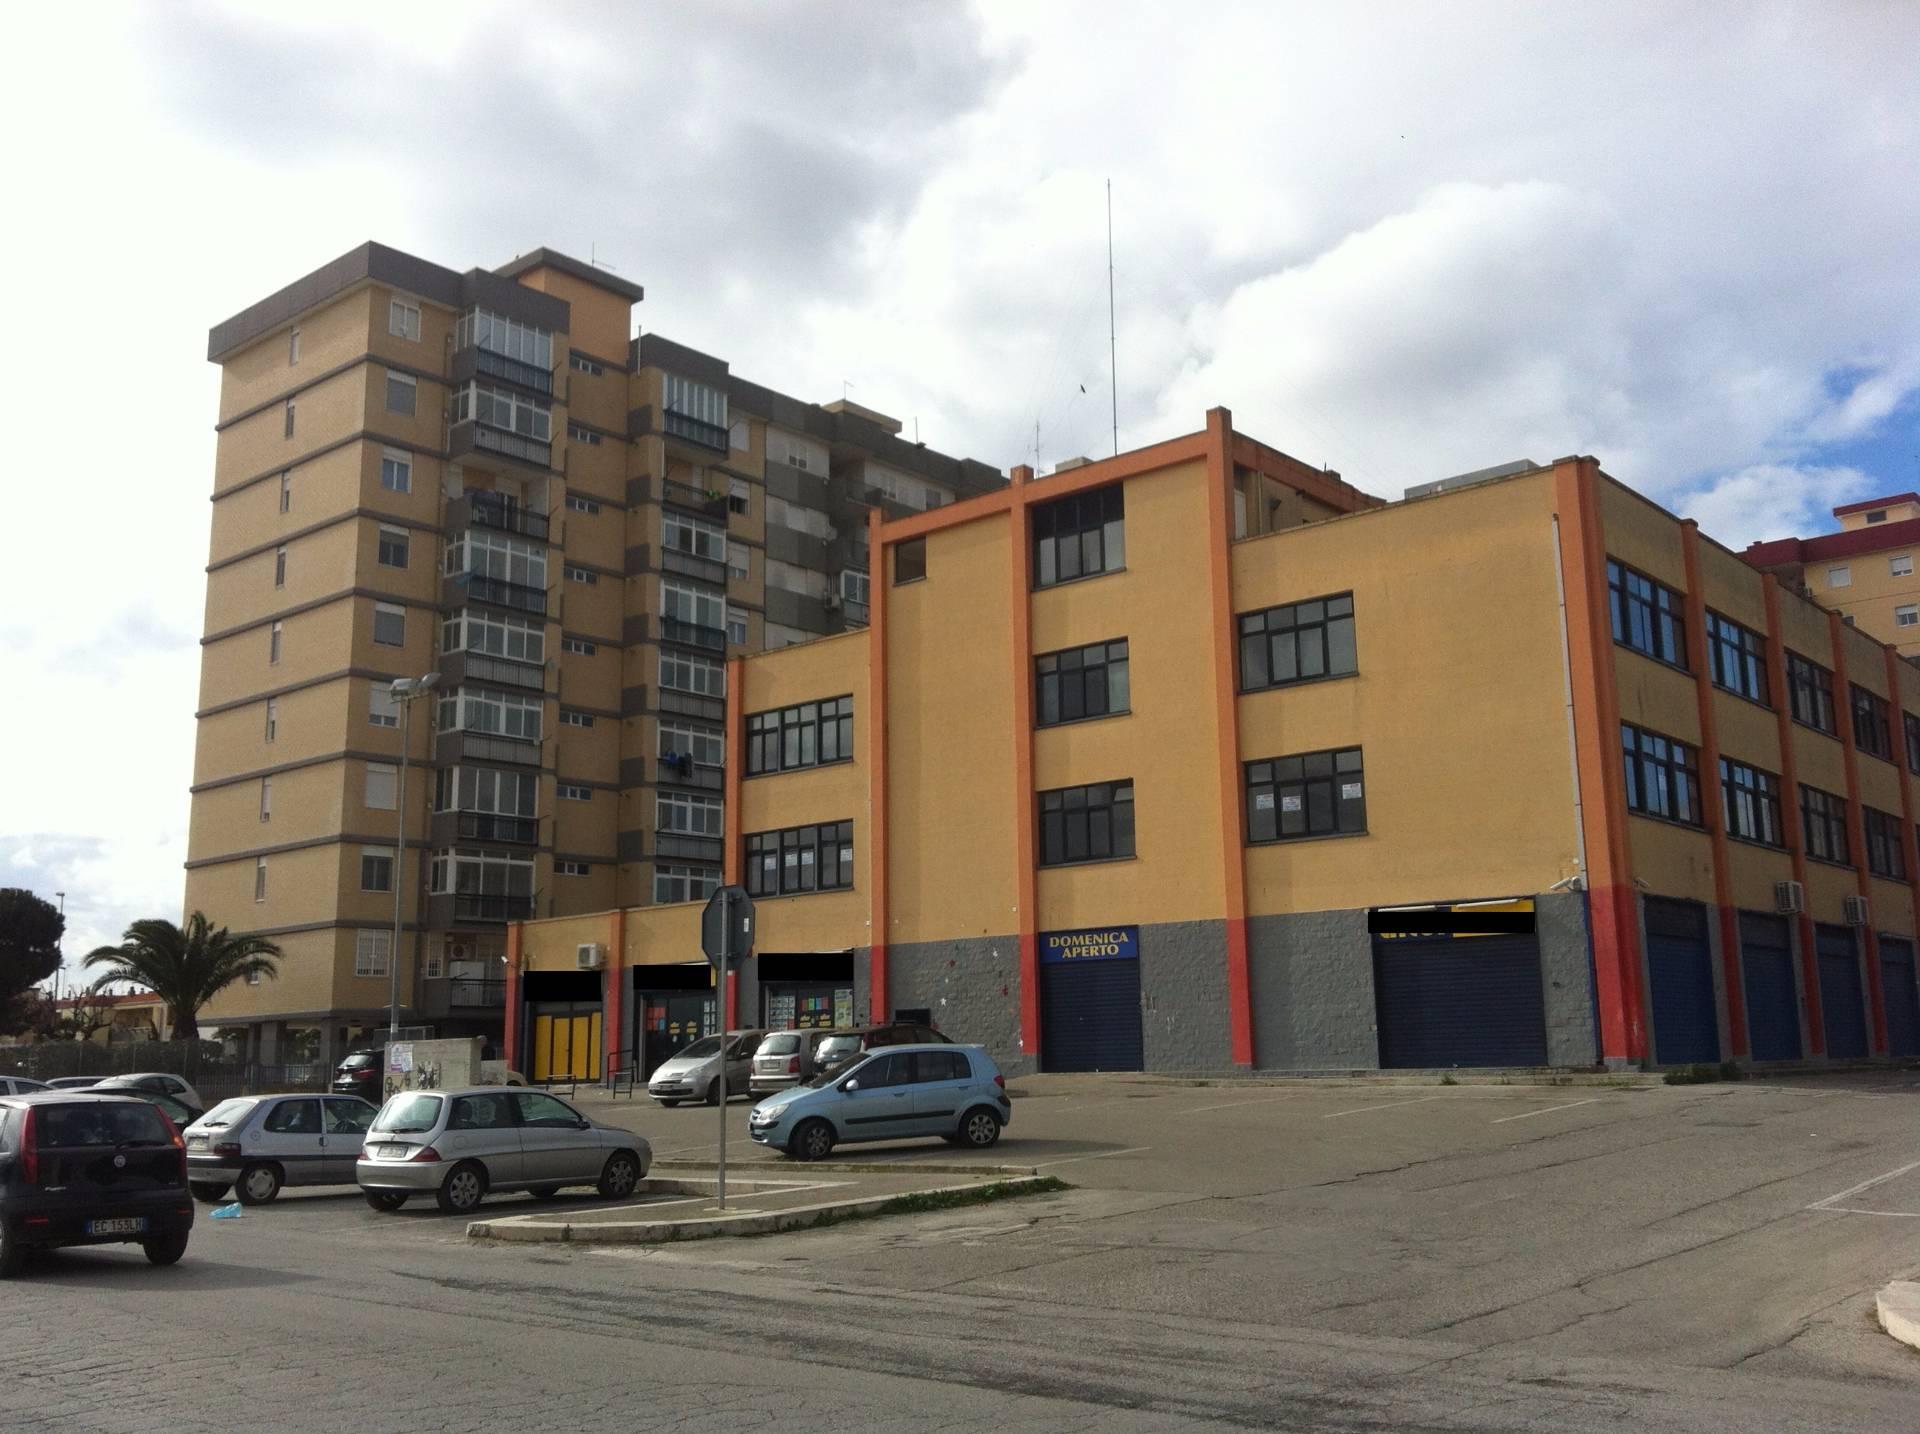 Negozio / Locale in affitto a Bari, 9999 locali, zona Zona: Loseto, Trattative riservate | CambioCasa.it